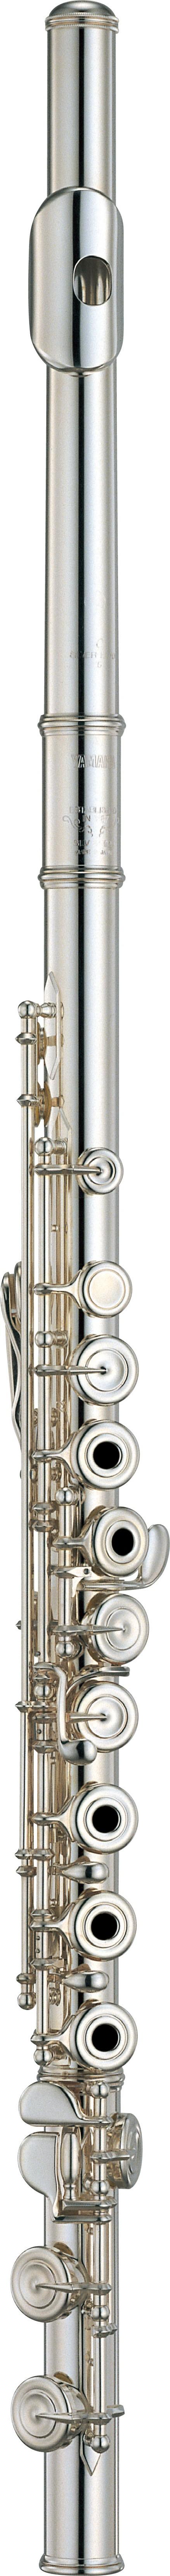 Yamaha - YFL-574 - RCEO - Holzblasinstrumente - Flöten mit E-Mechanik   MUSIK BERTRAM Deutschland Freiburg